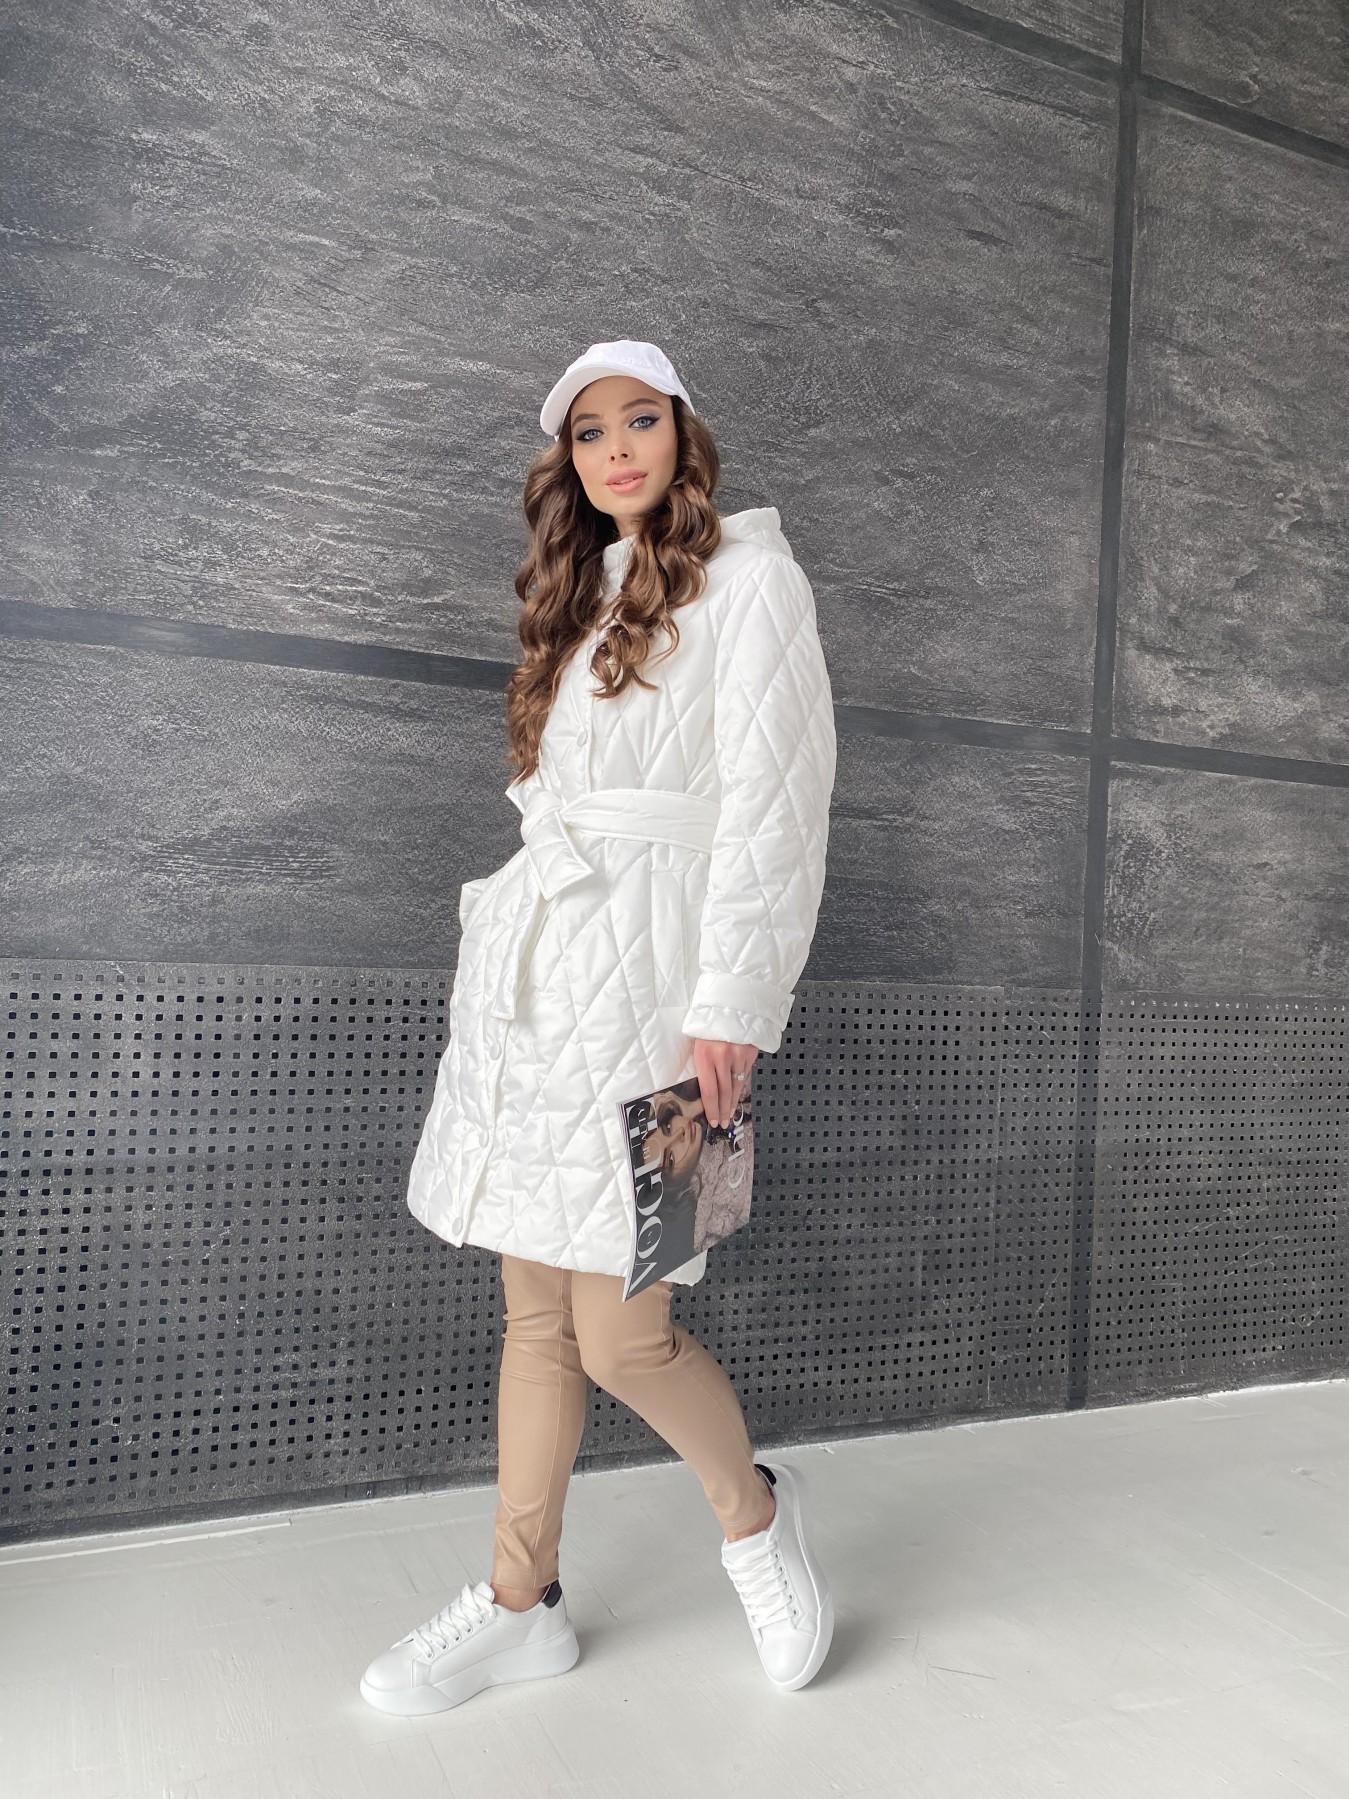 Виза стеганая куртка из плащевой ткани 11015 АРТ. 47516 Цвет: Молоко - фото 4, интернет магазин tm-modus.ru